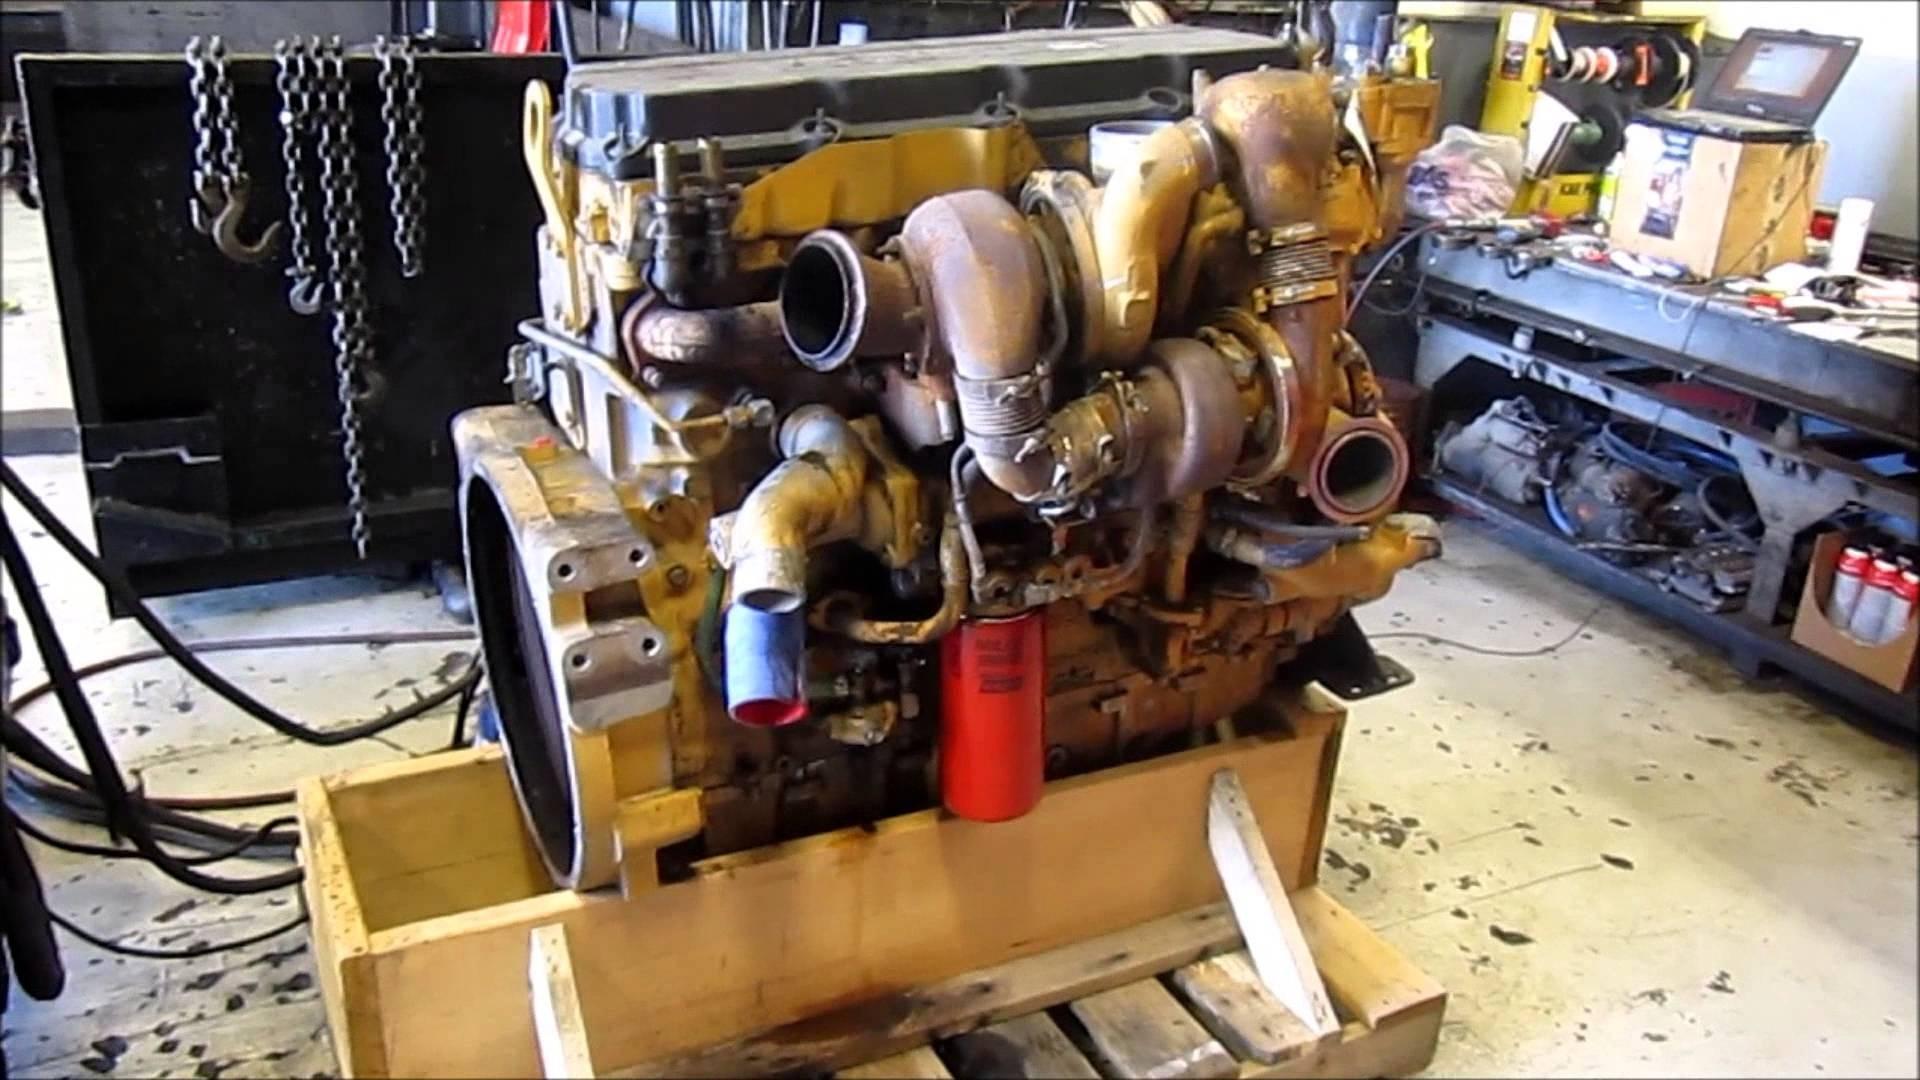 C13 Caterpillar Engine Diagram 2006 Caterpillar C13 Acert Diesel Engine Running Kcb Of C13 Caterpillar Engine Diagram